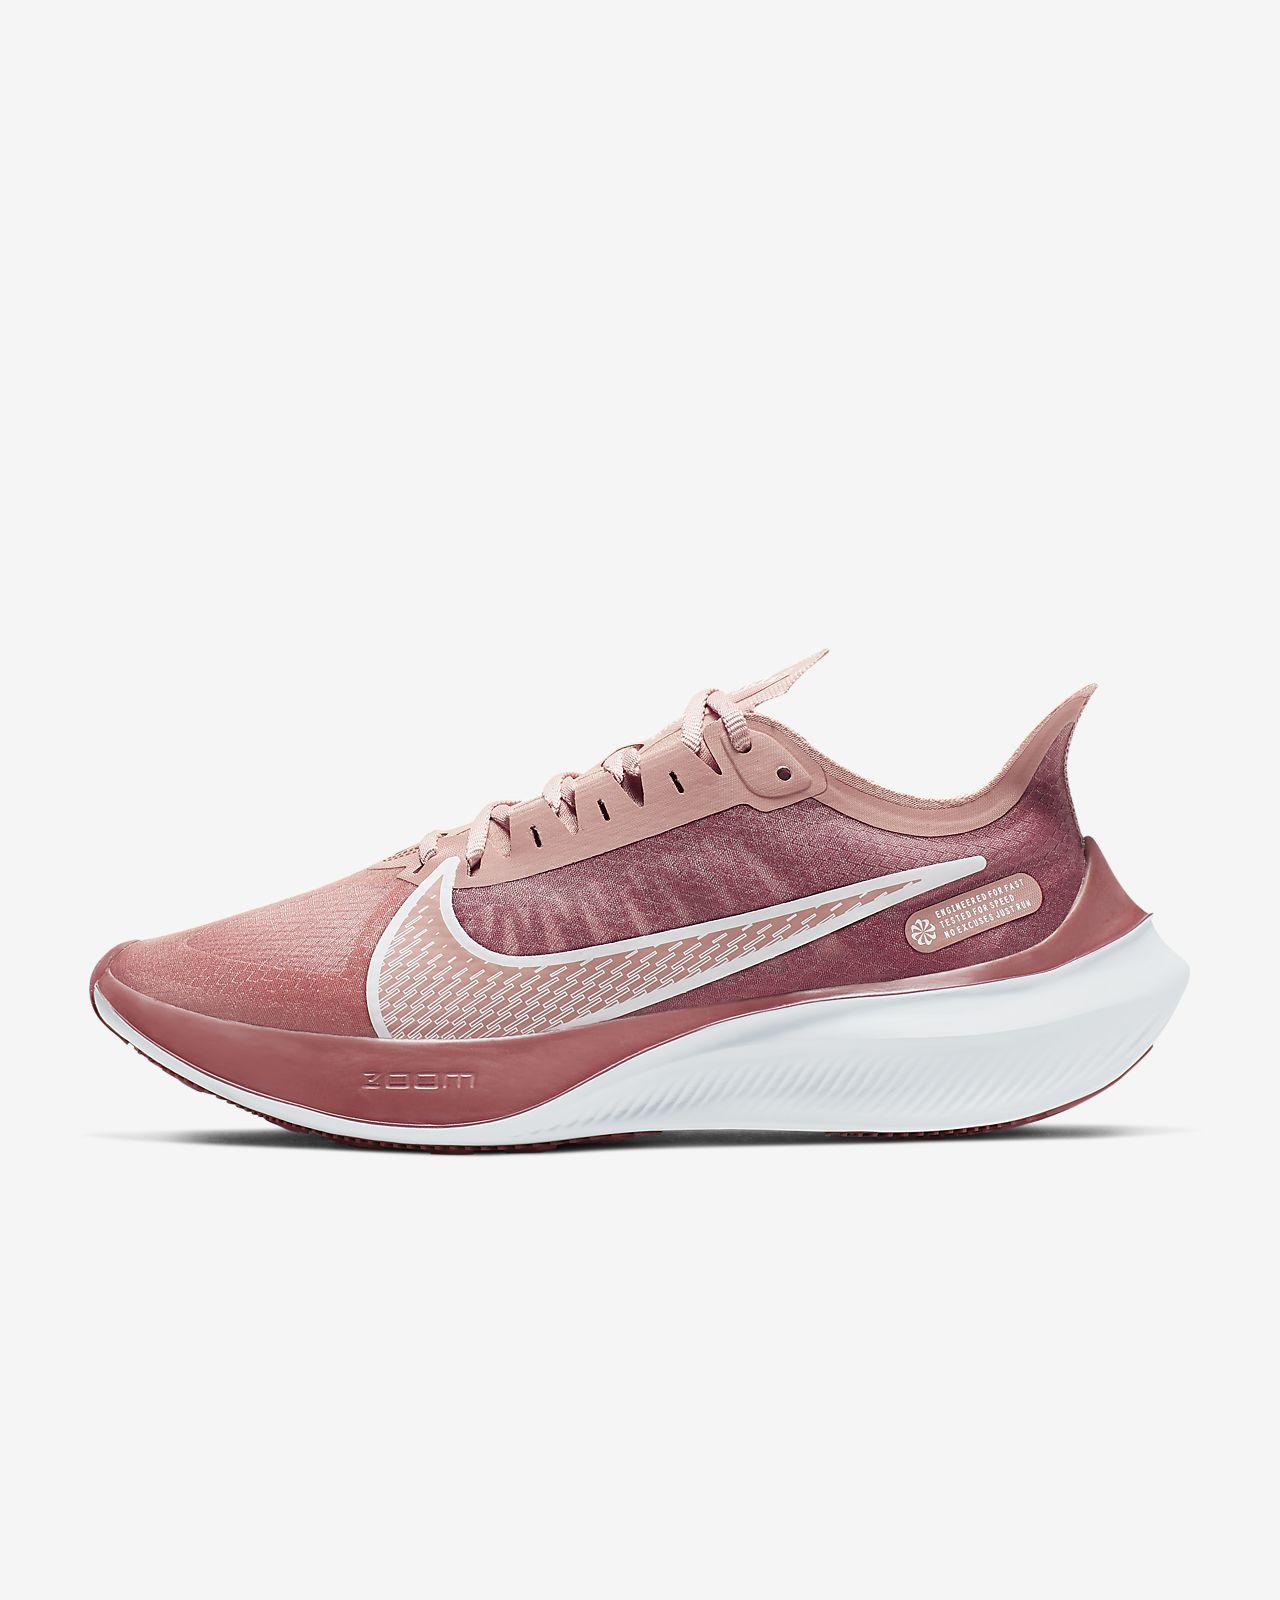 Nike Zoom Gravity løpesko til dame